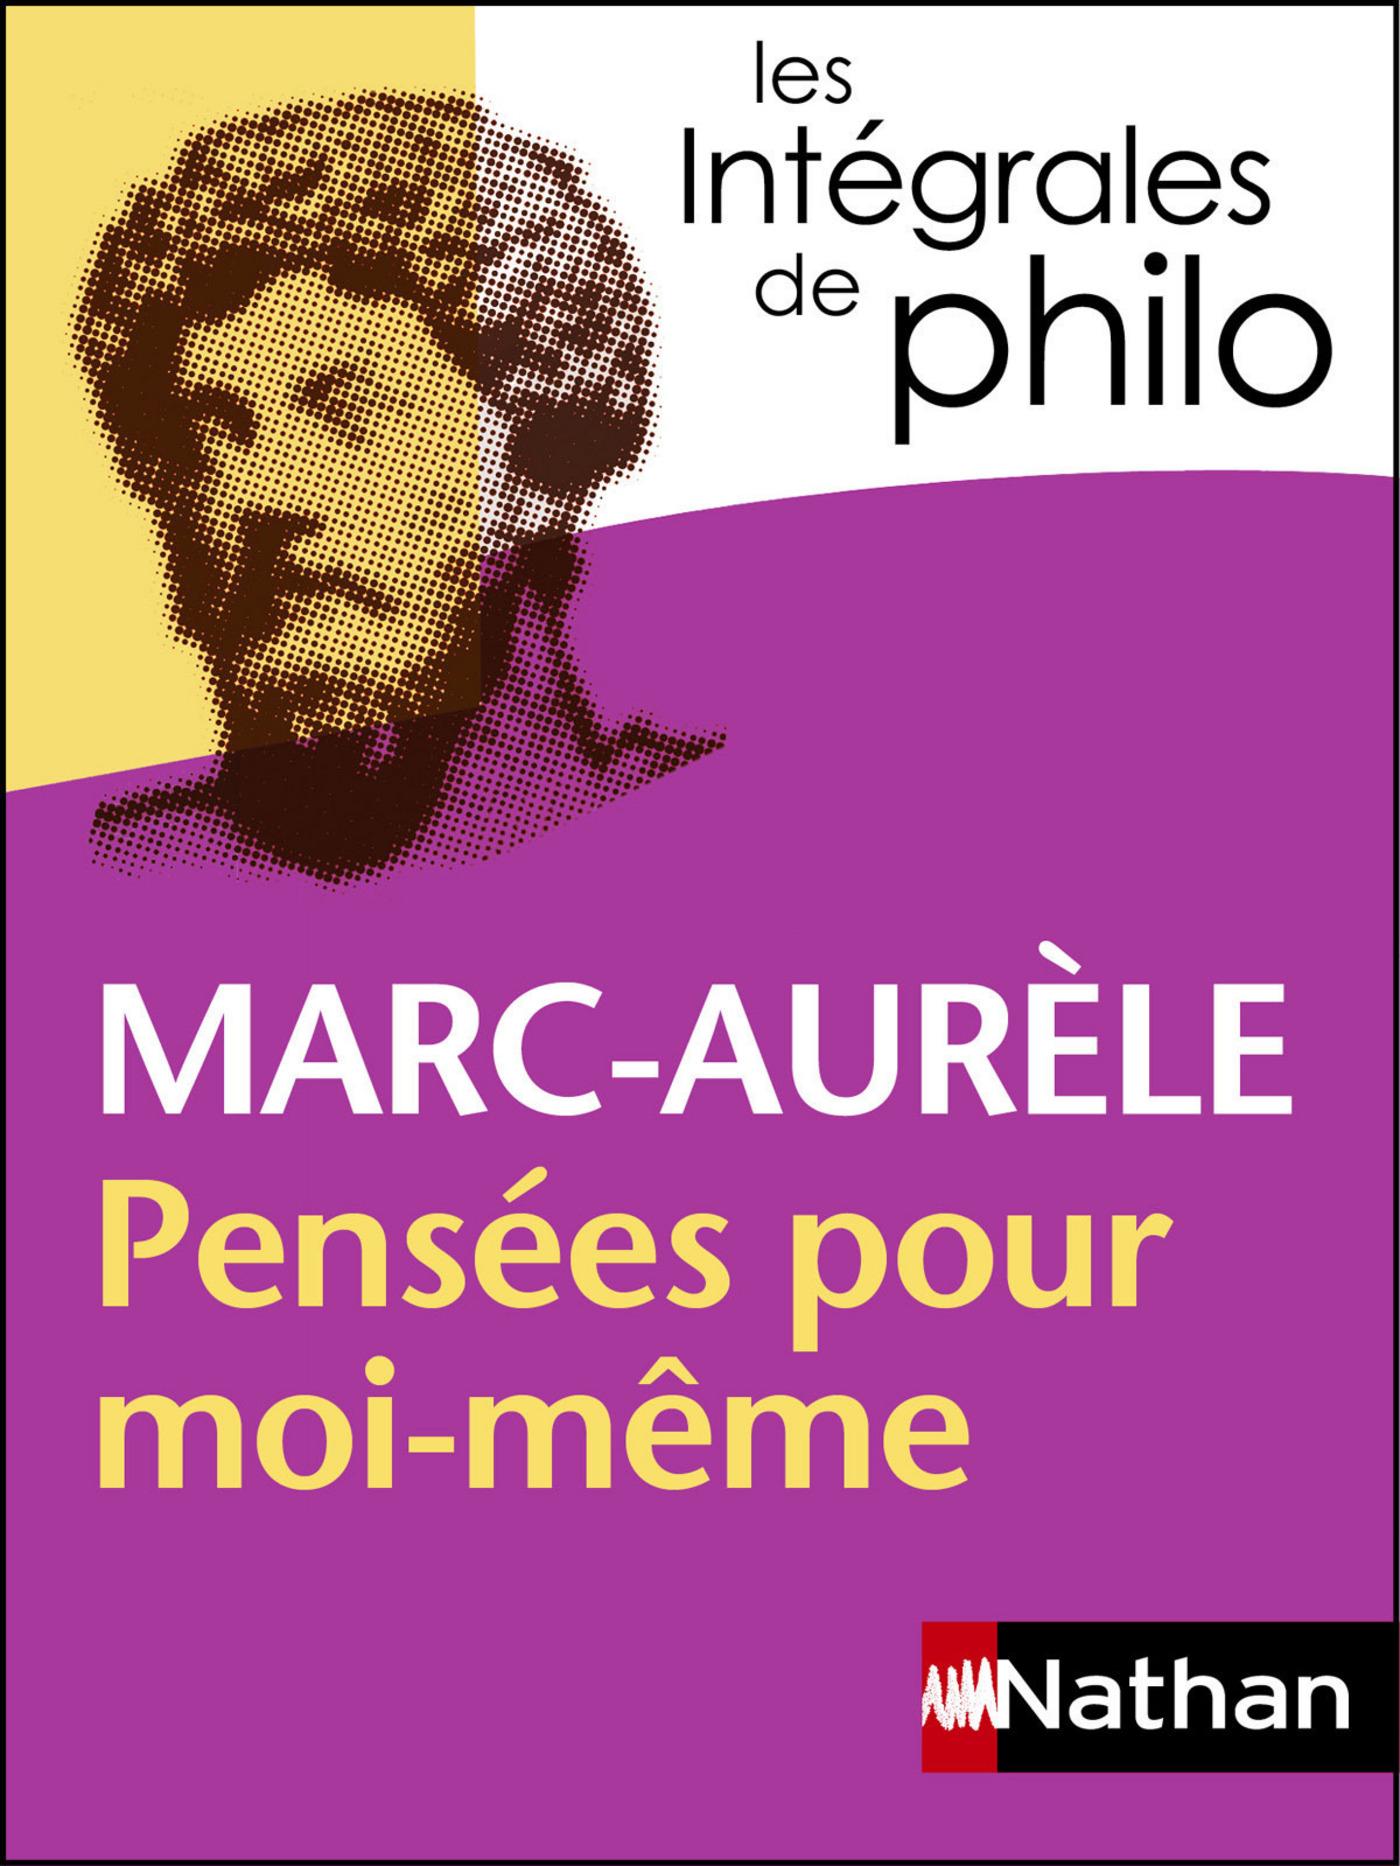 Intégrales de Philo - MARC AURELE, Pensées pour moi-même (ebook)